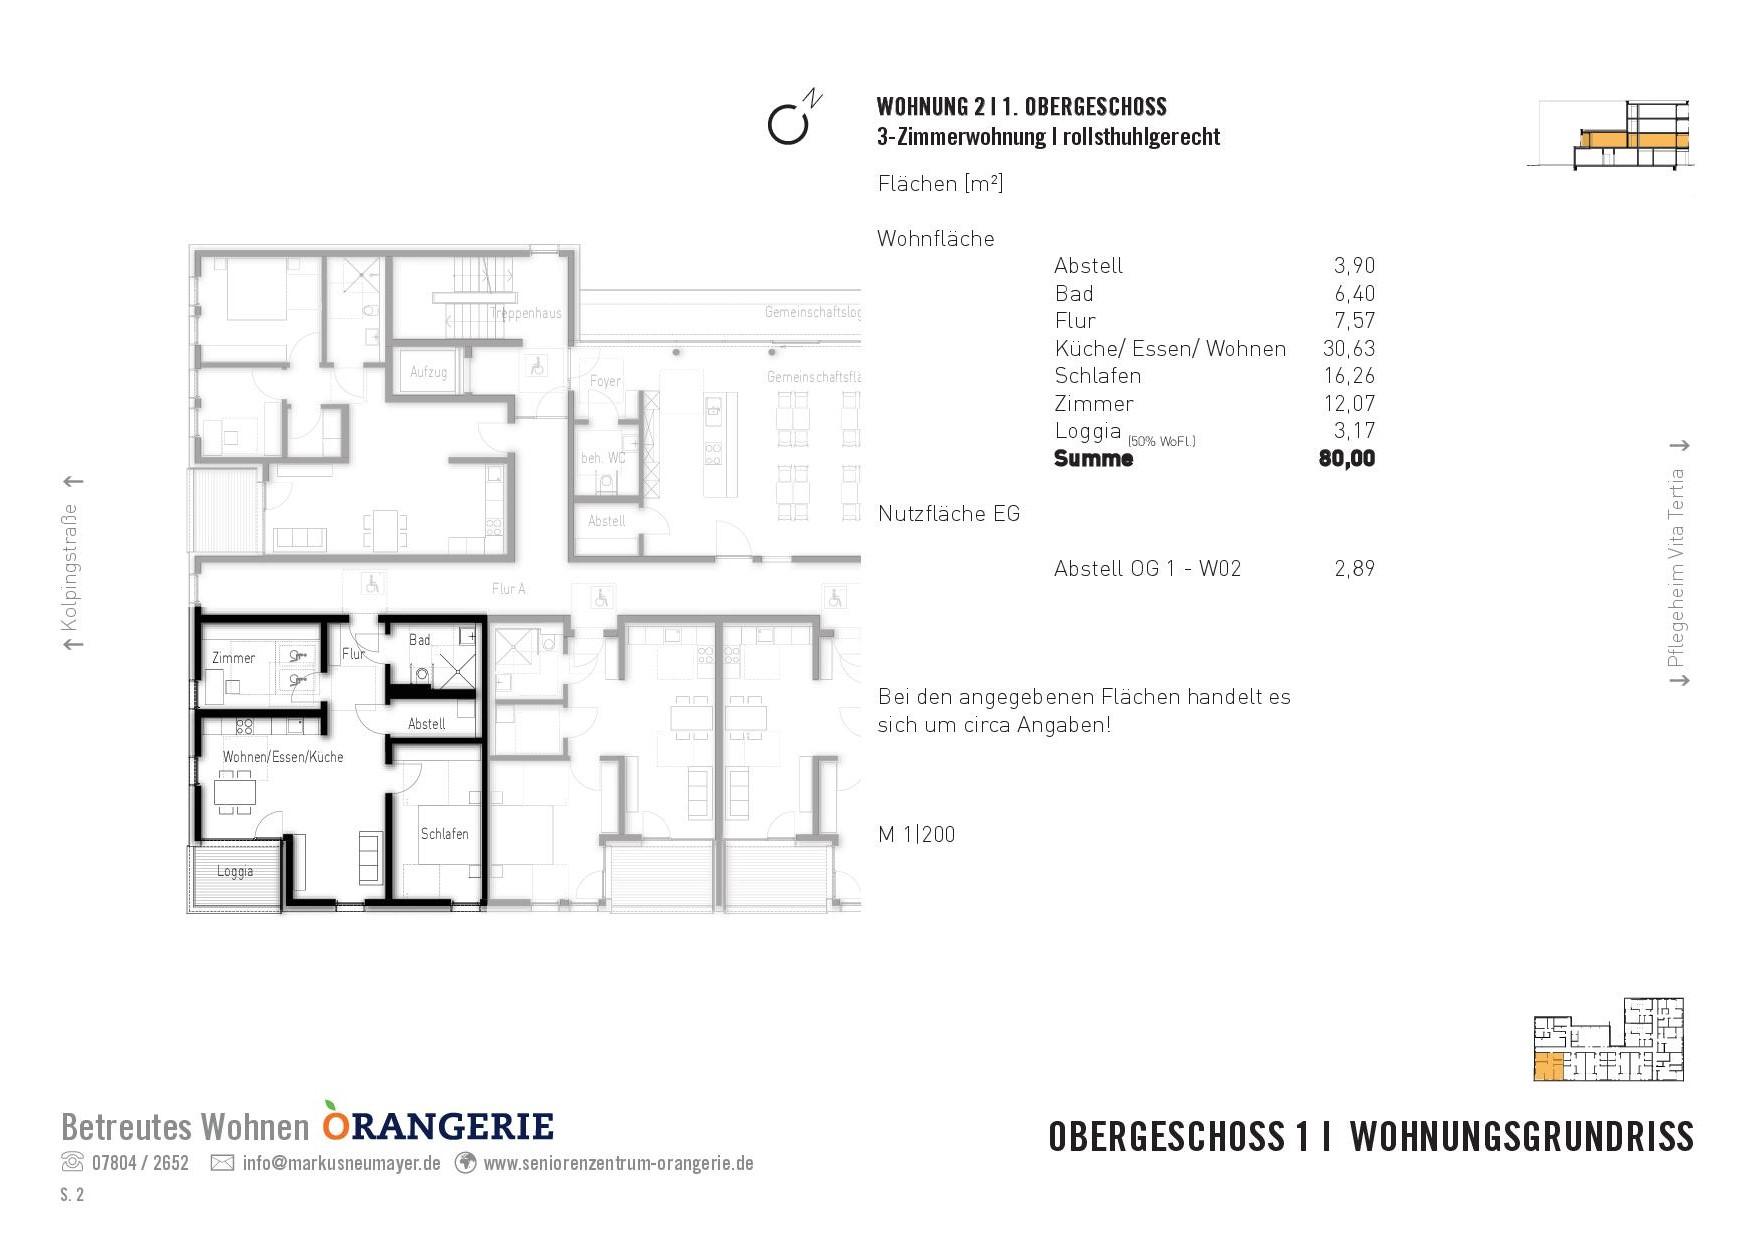 Wohnung Nr. 02 Orangerie